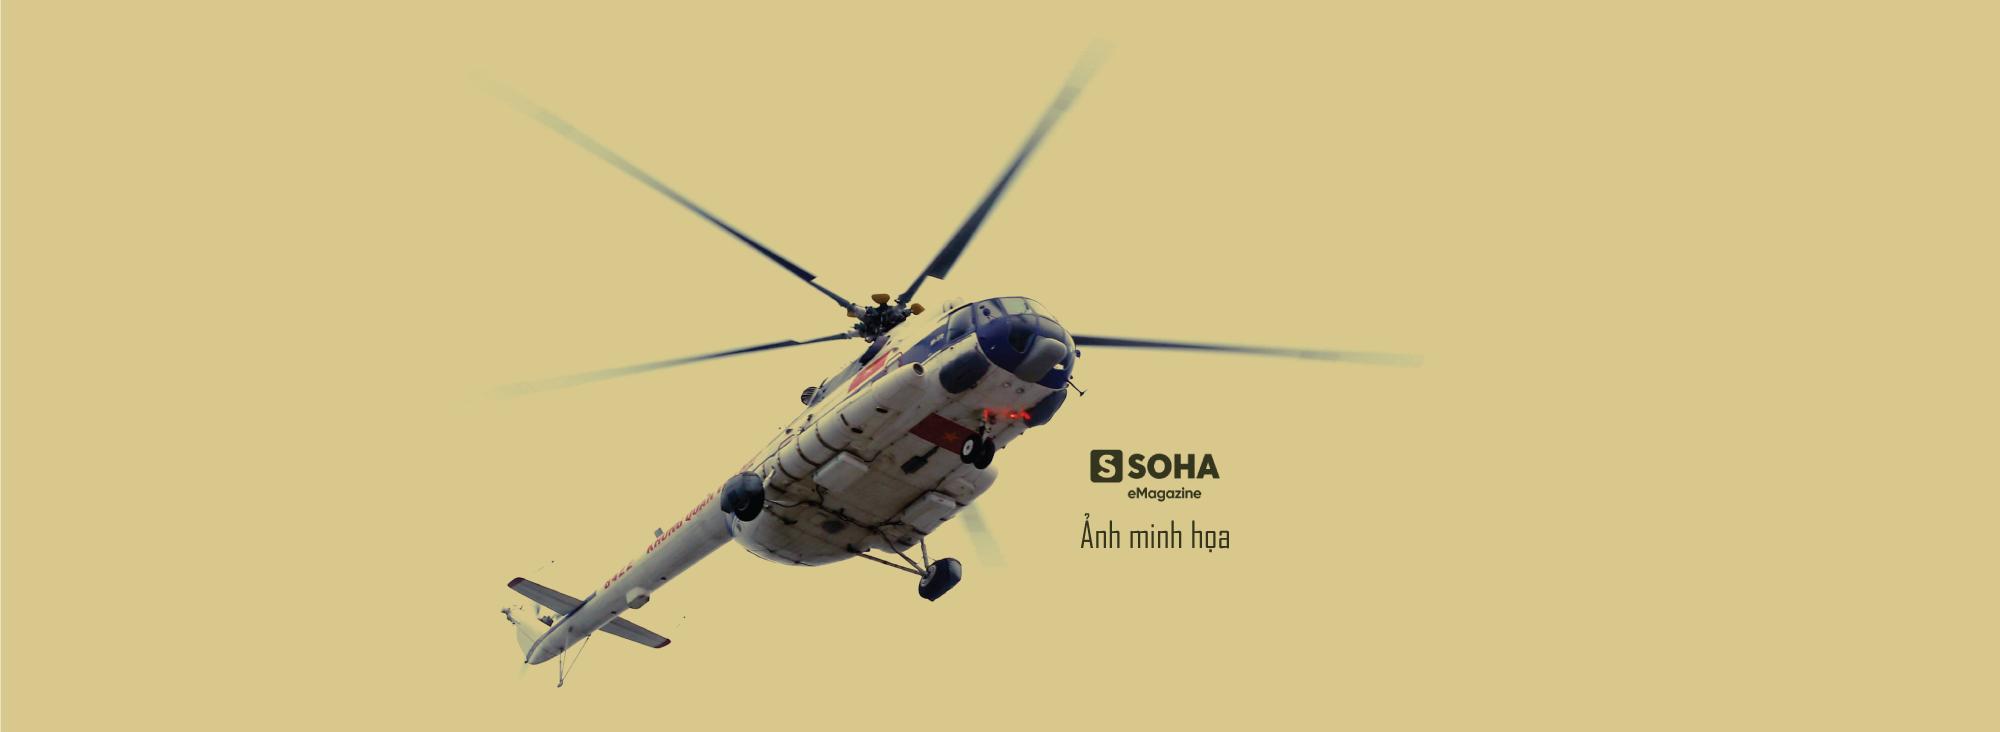 """Trung tướng Phạm Quốc Cương: """"Cảnh sát cơ động sẽ được trang bị máy bay, tàu thủy"""" - Ảnh 5."""